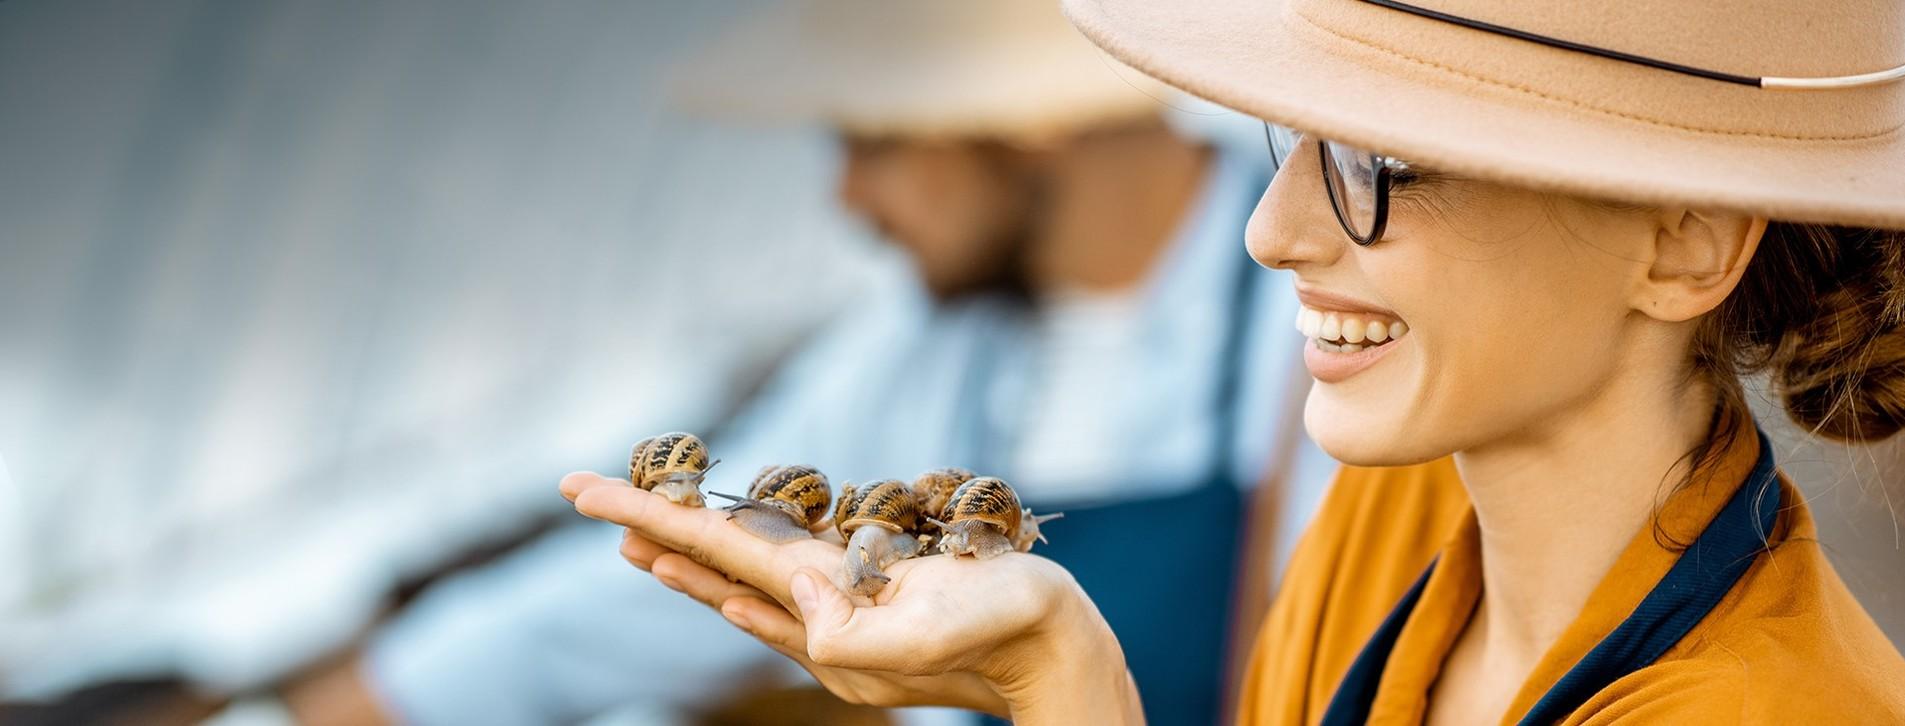 Фото 1 - Экскурсия на улиточную ферму с дегустацией